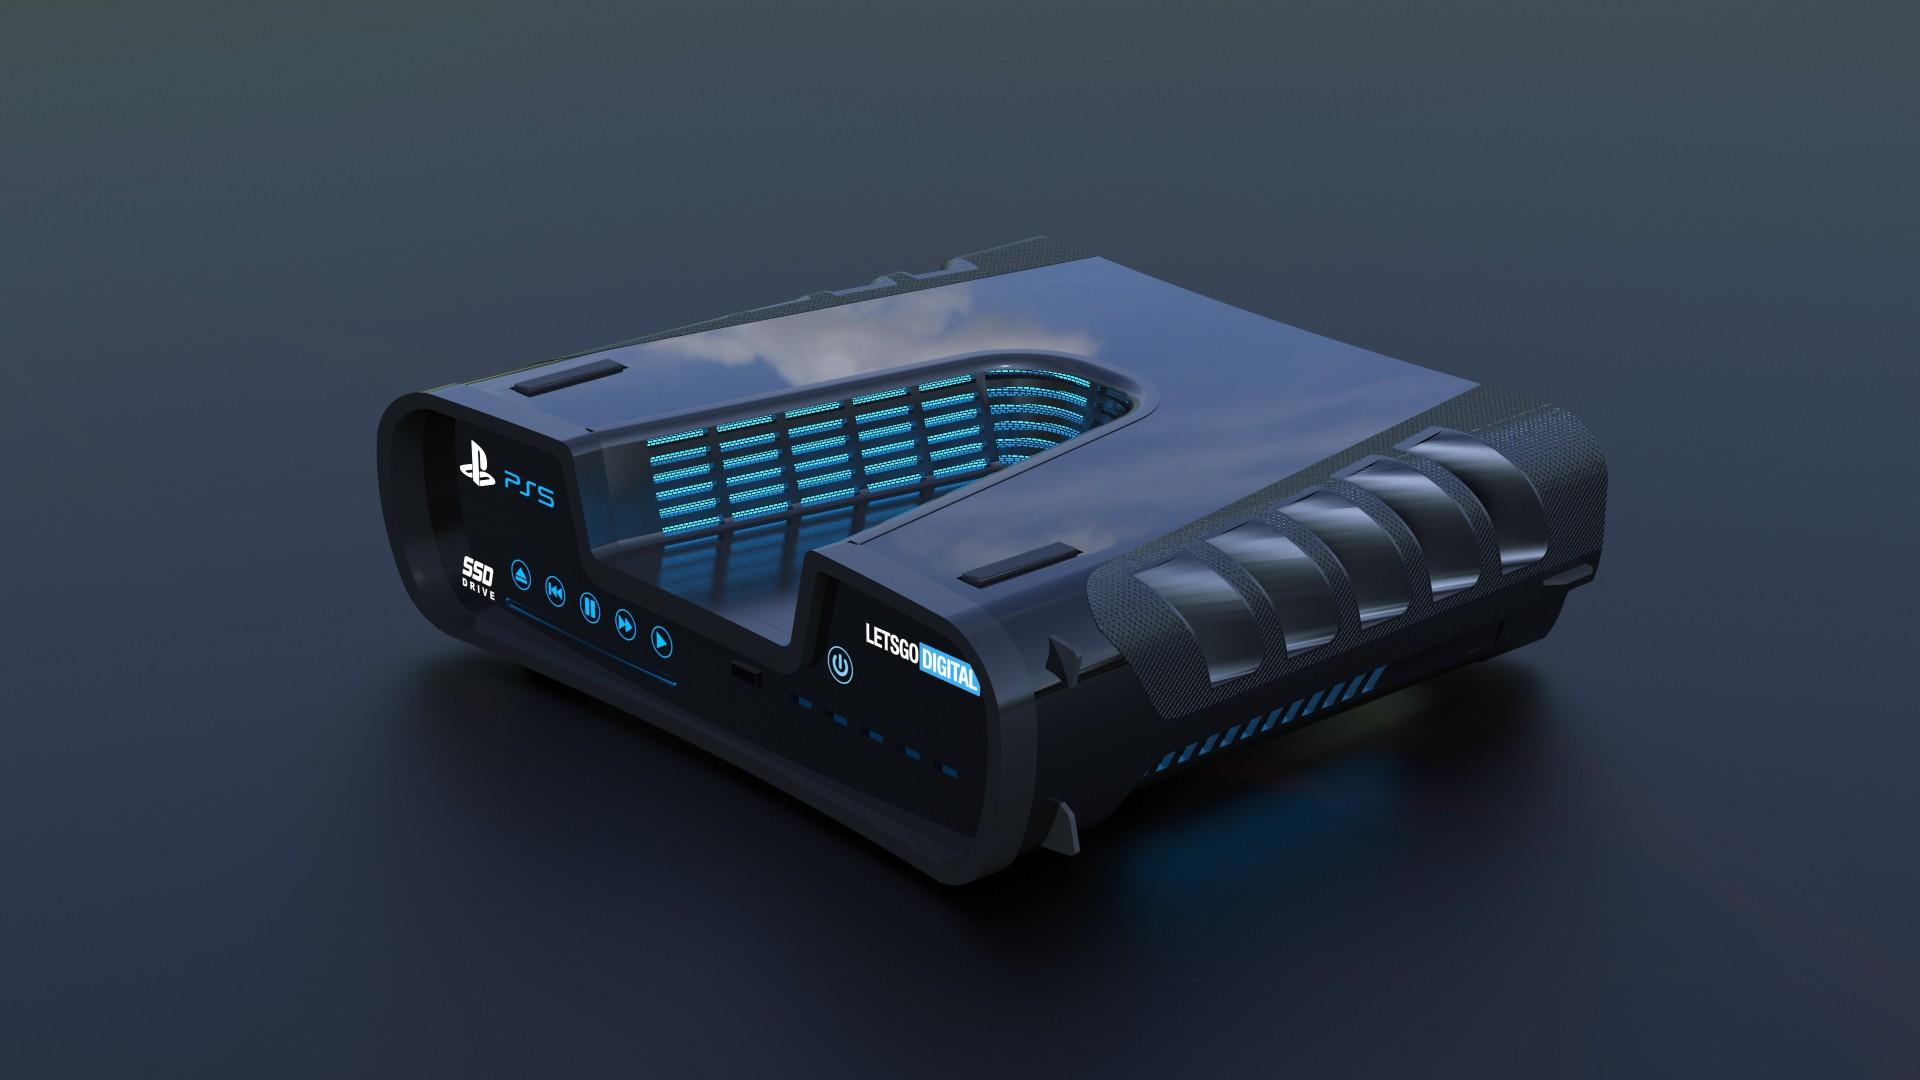 Na internetu kolují fotografie Playstation 5 Dev Kit